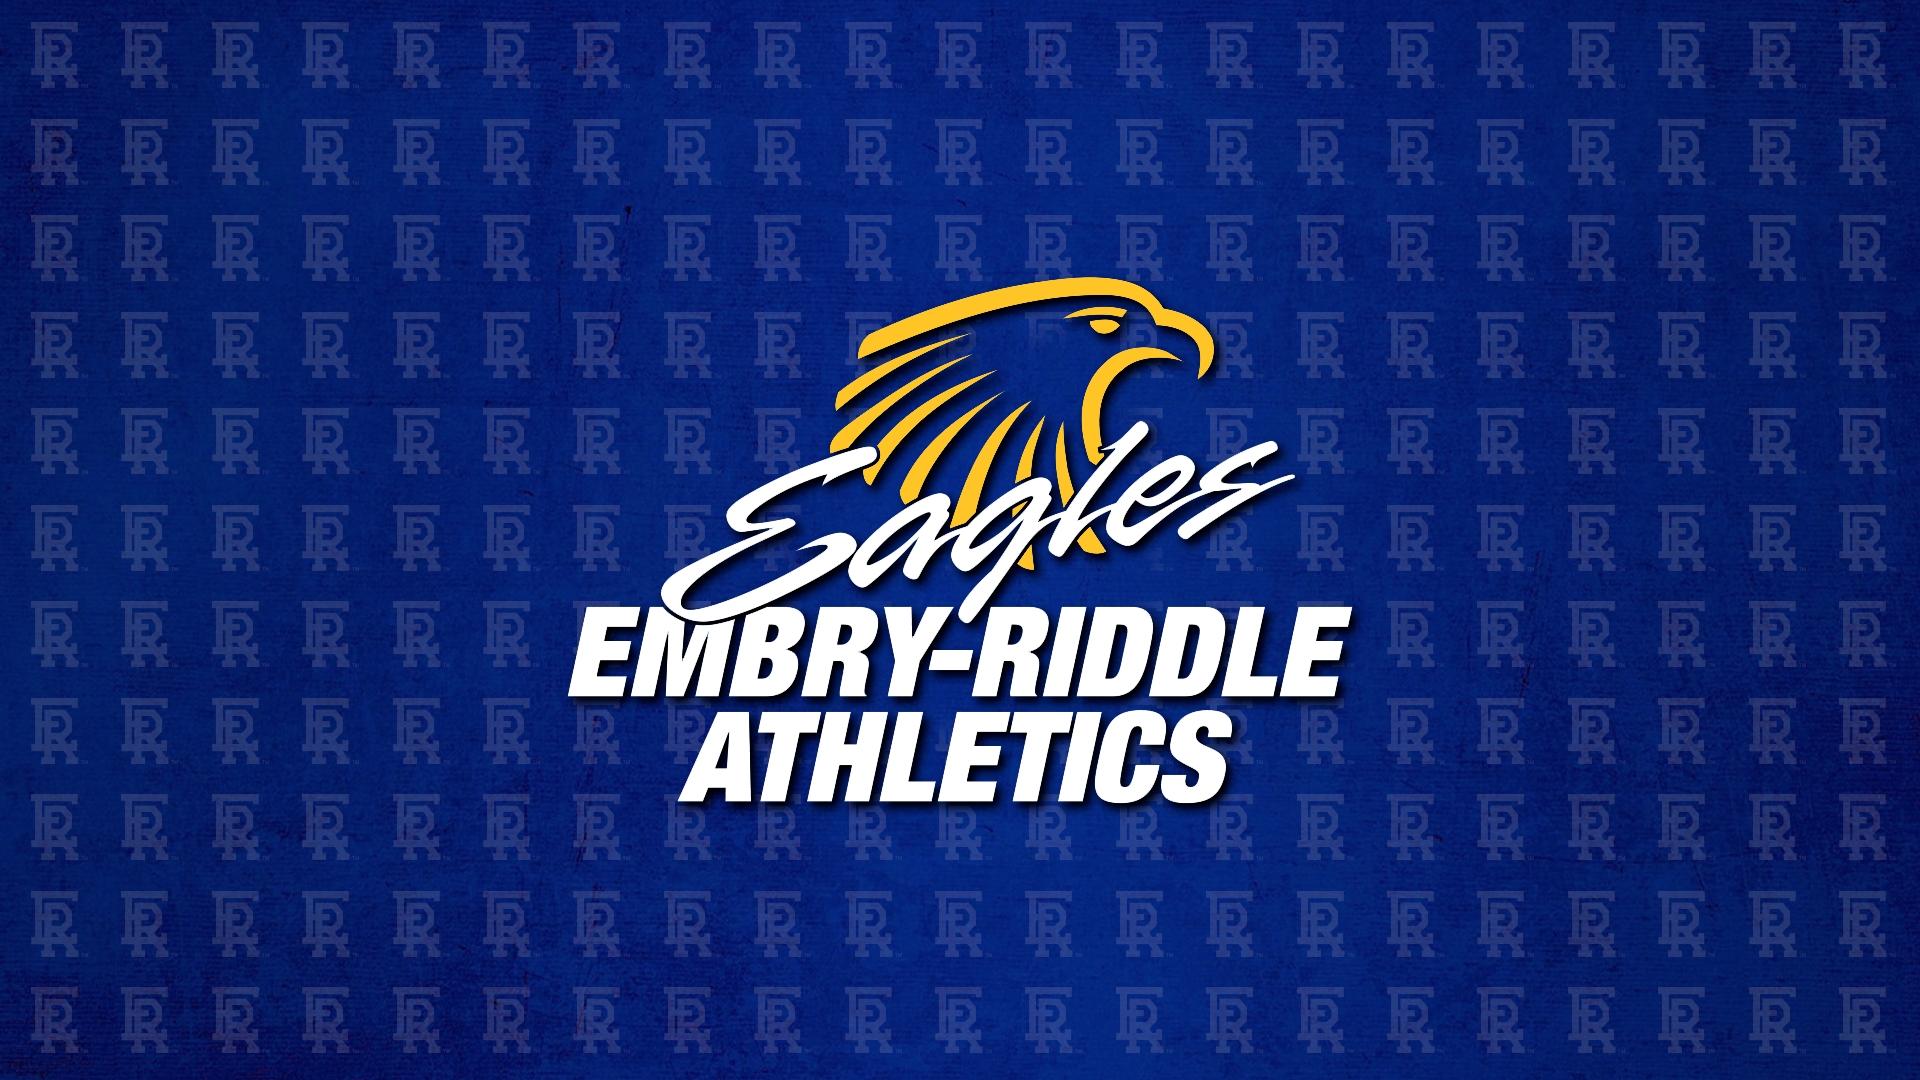 Embry-Riddle Aeronautical University Athletics - Official